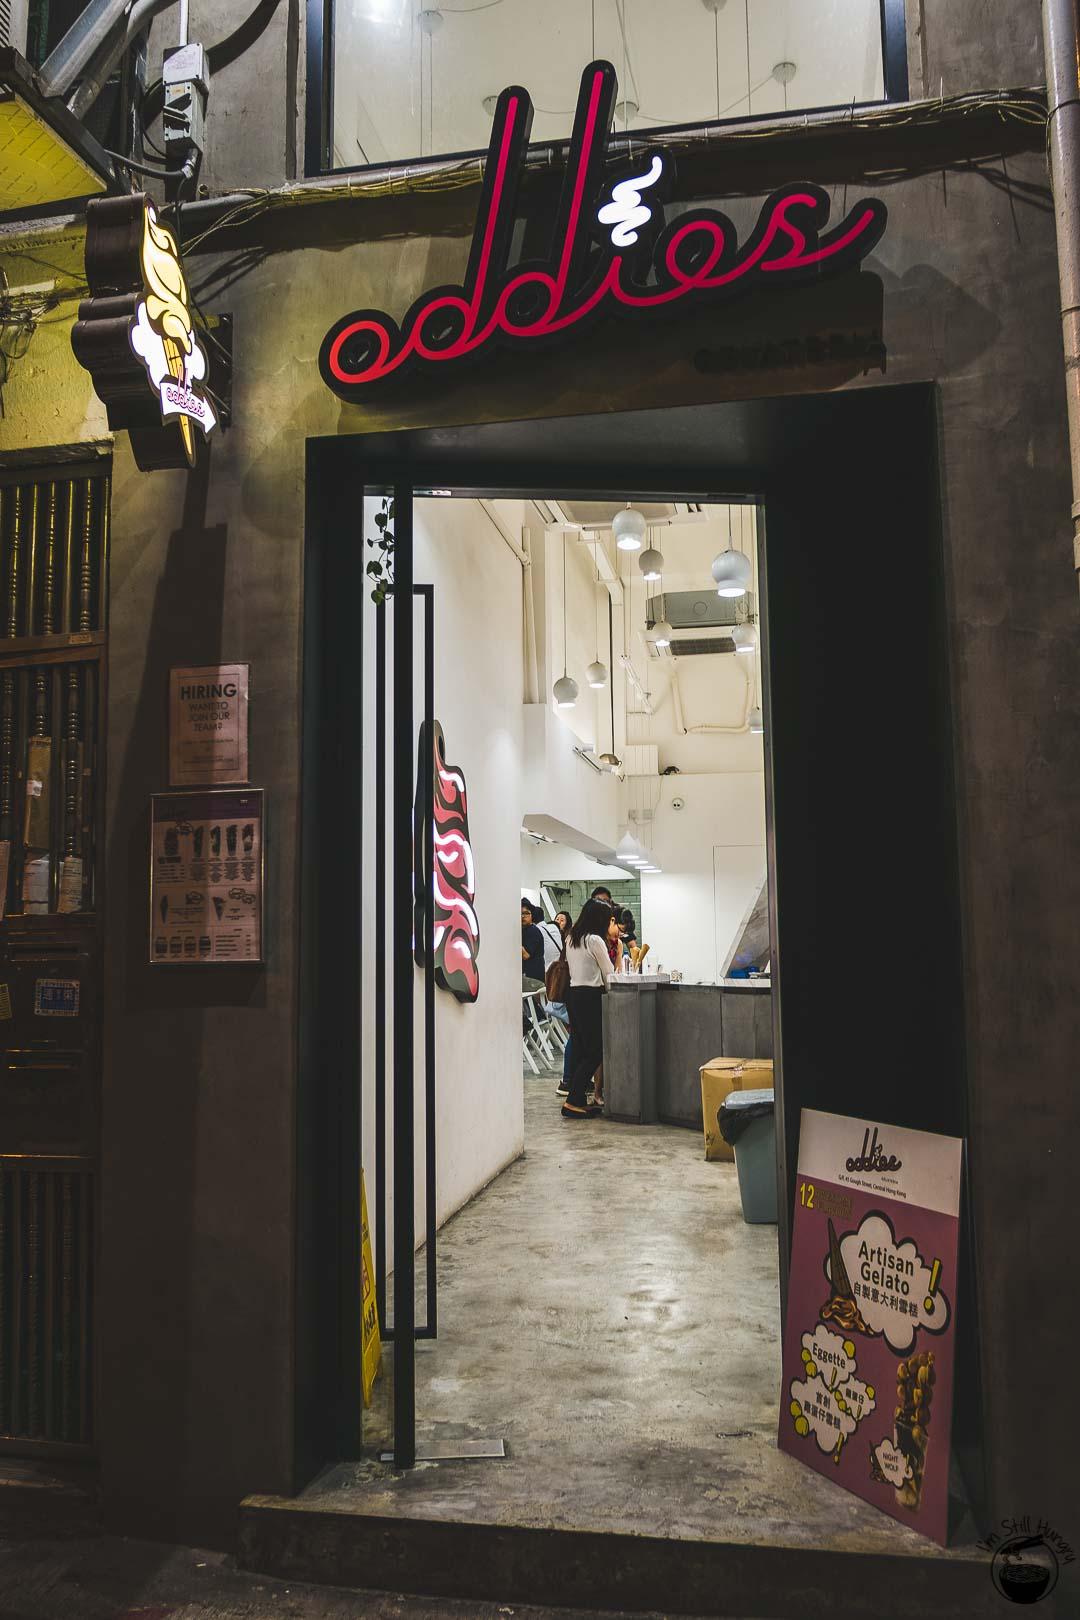 Oddies Foodies Hong Kong